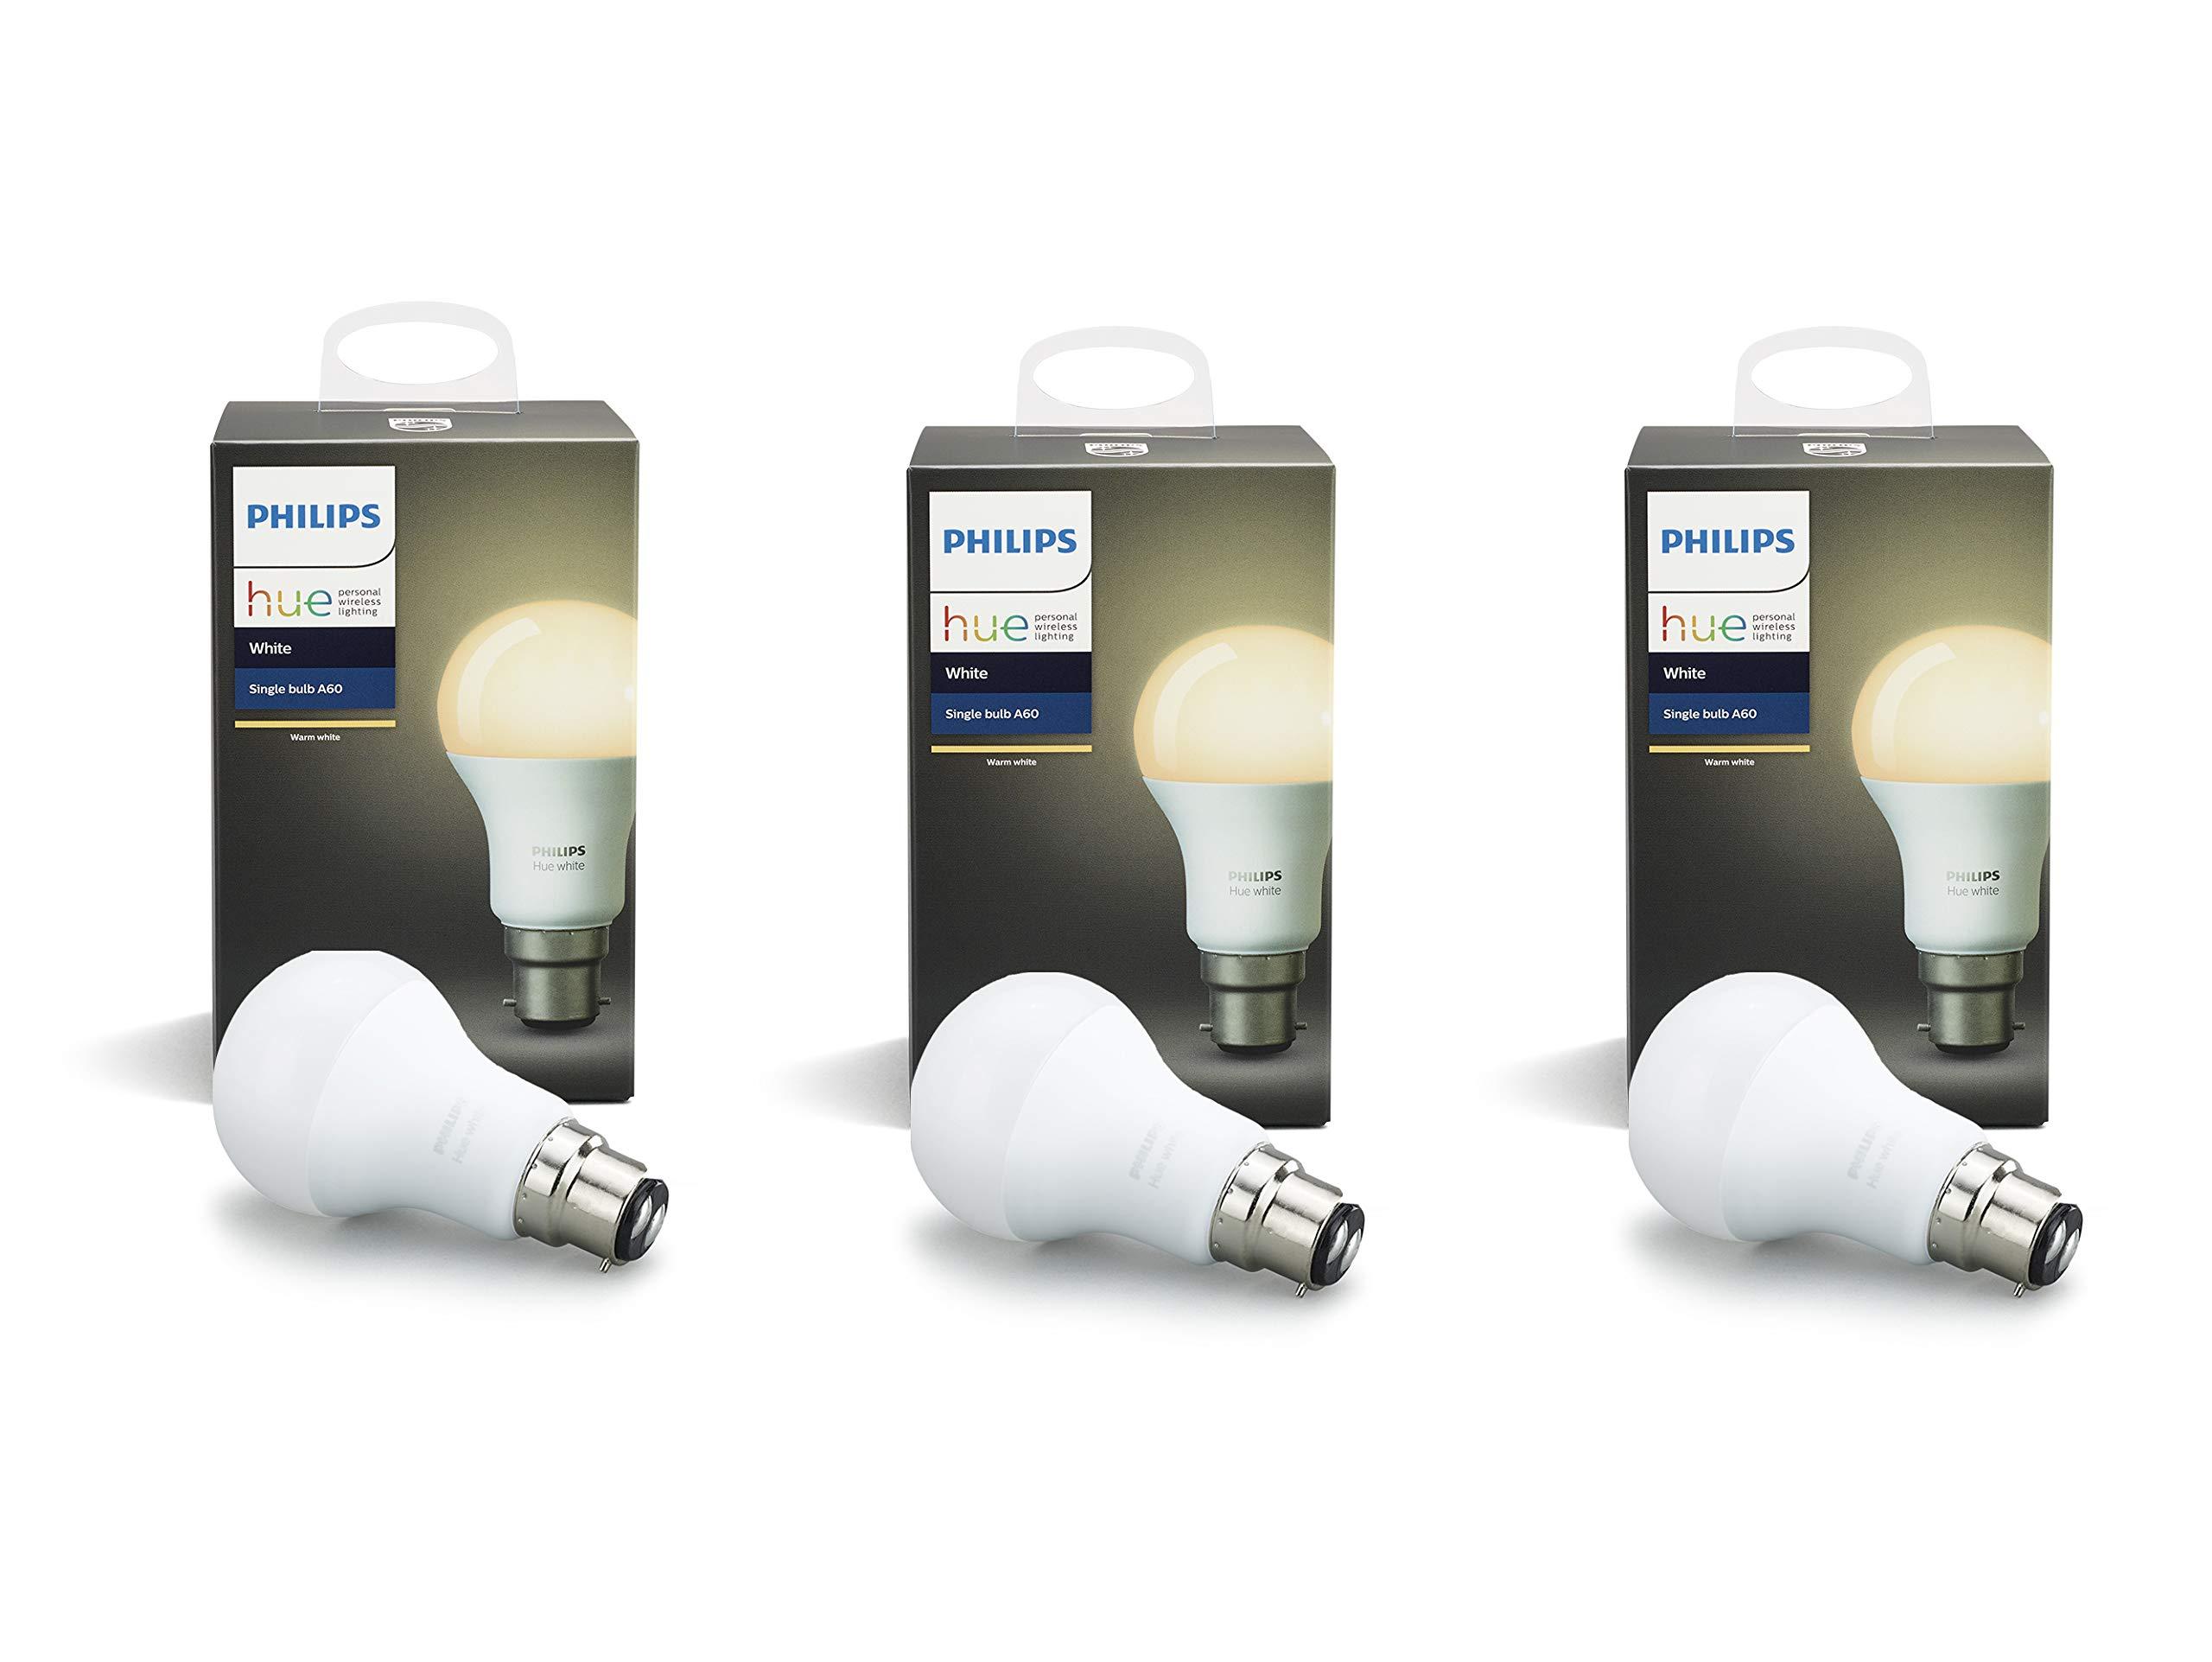 Philips Hue White Personal Wireless Lighting LED B22 1 x 9 W Ampoule à Culot à Baïonnette, [Apple Homekit Enabled] Fonctionne avec Philips Hue